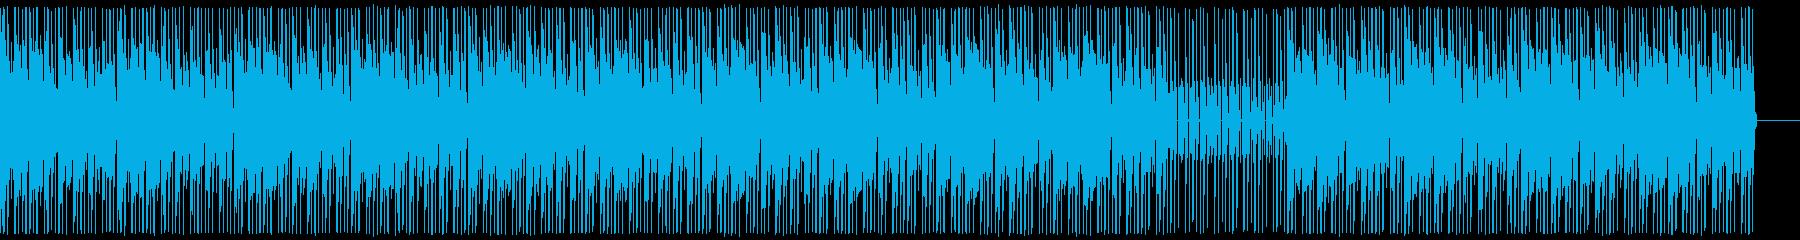 ヒップホップ/シンプル・王道/ギター/3の再生済みの波形